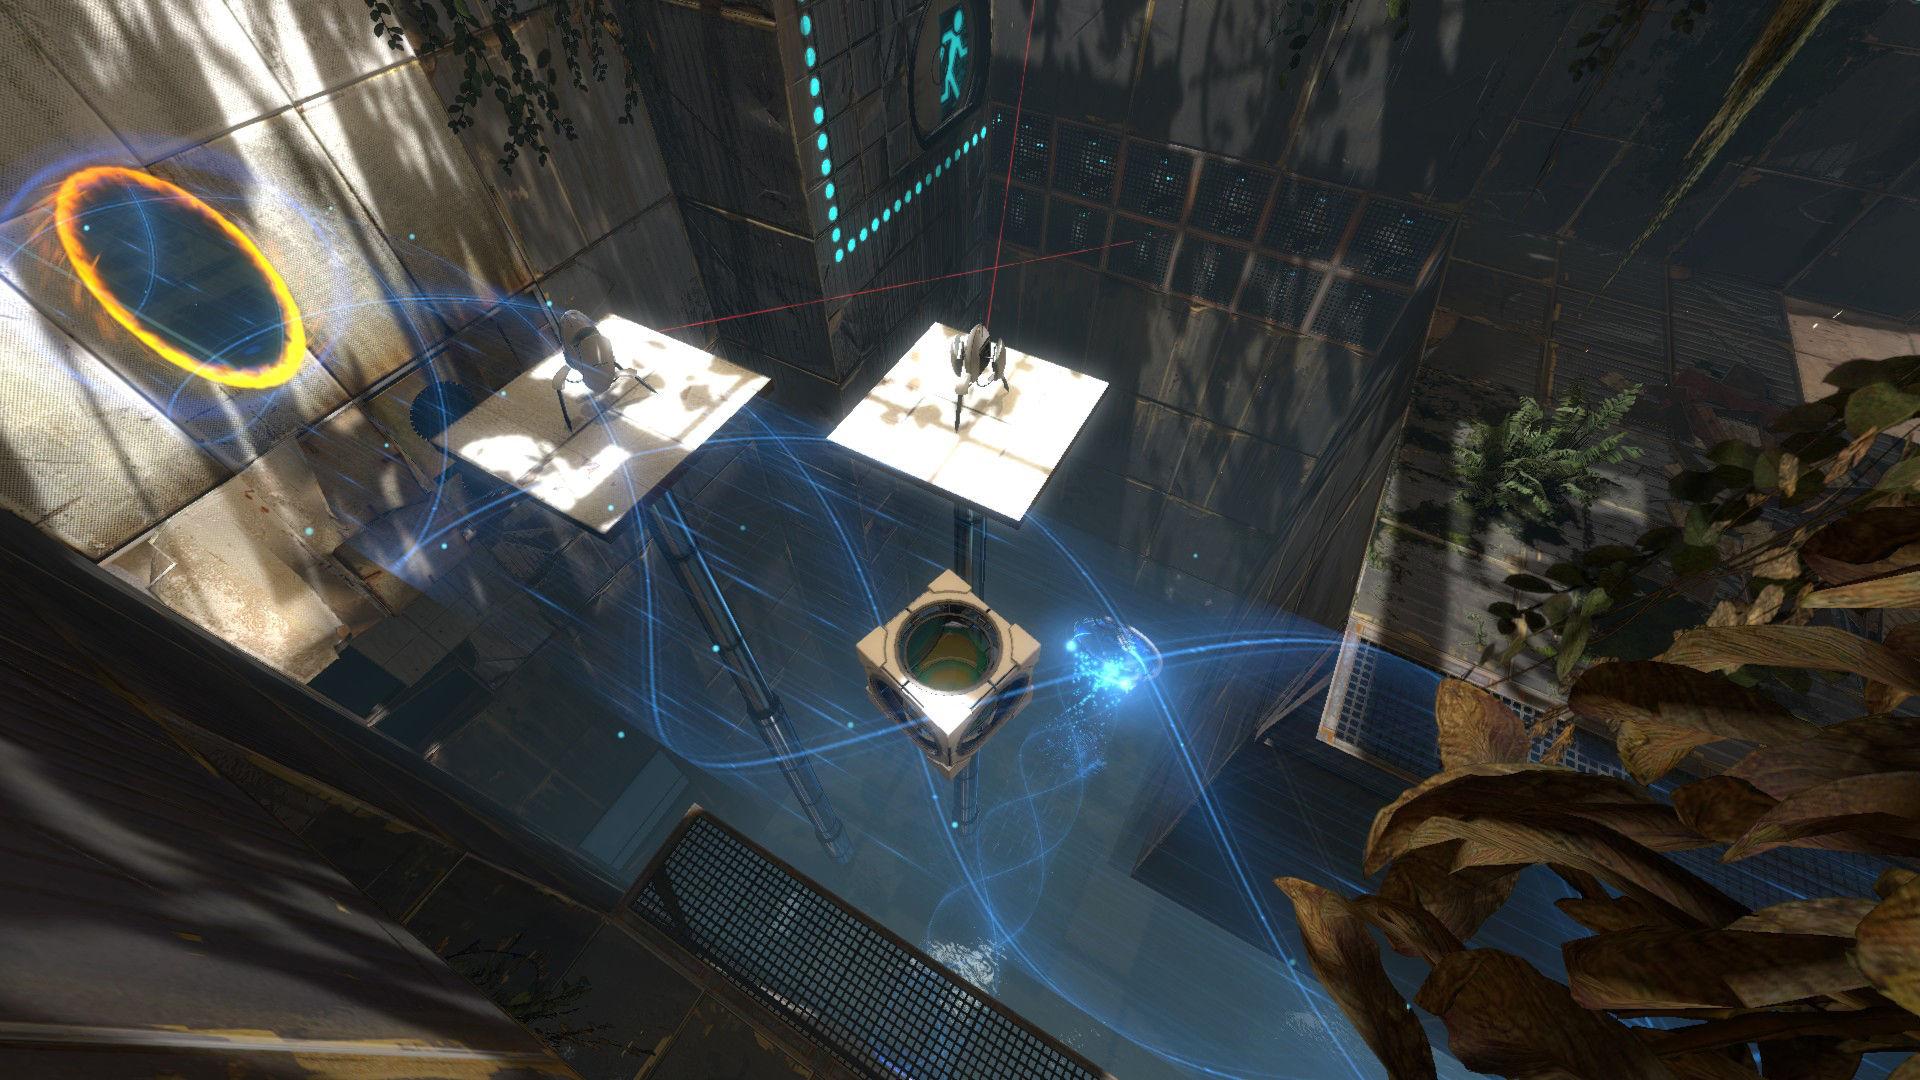 Free steam games portal 2 emporis casino